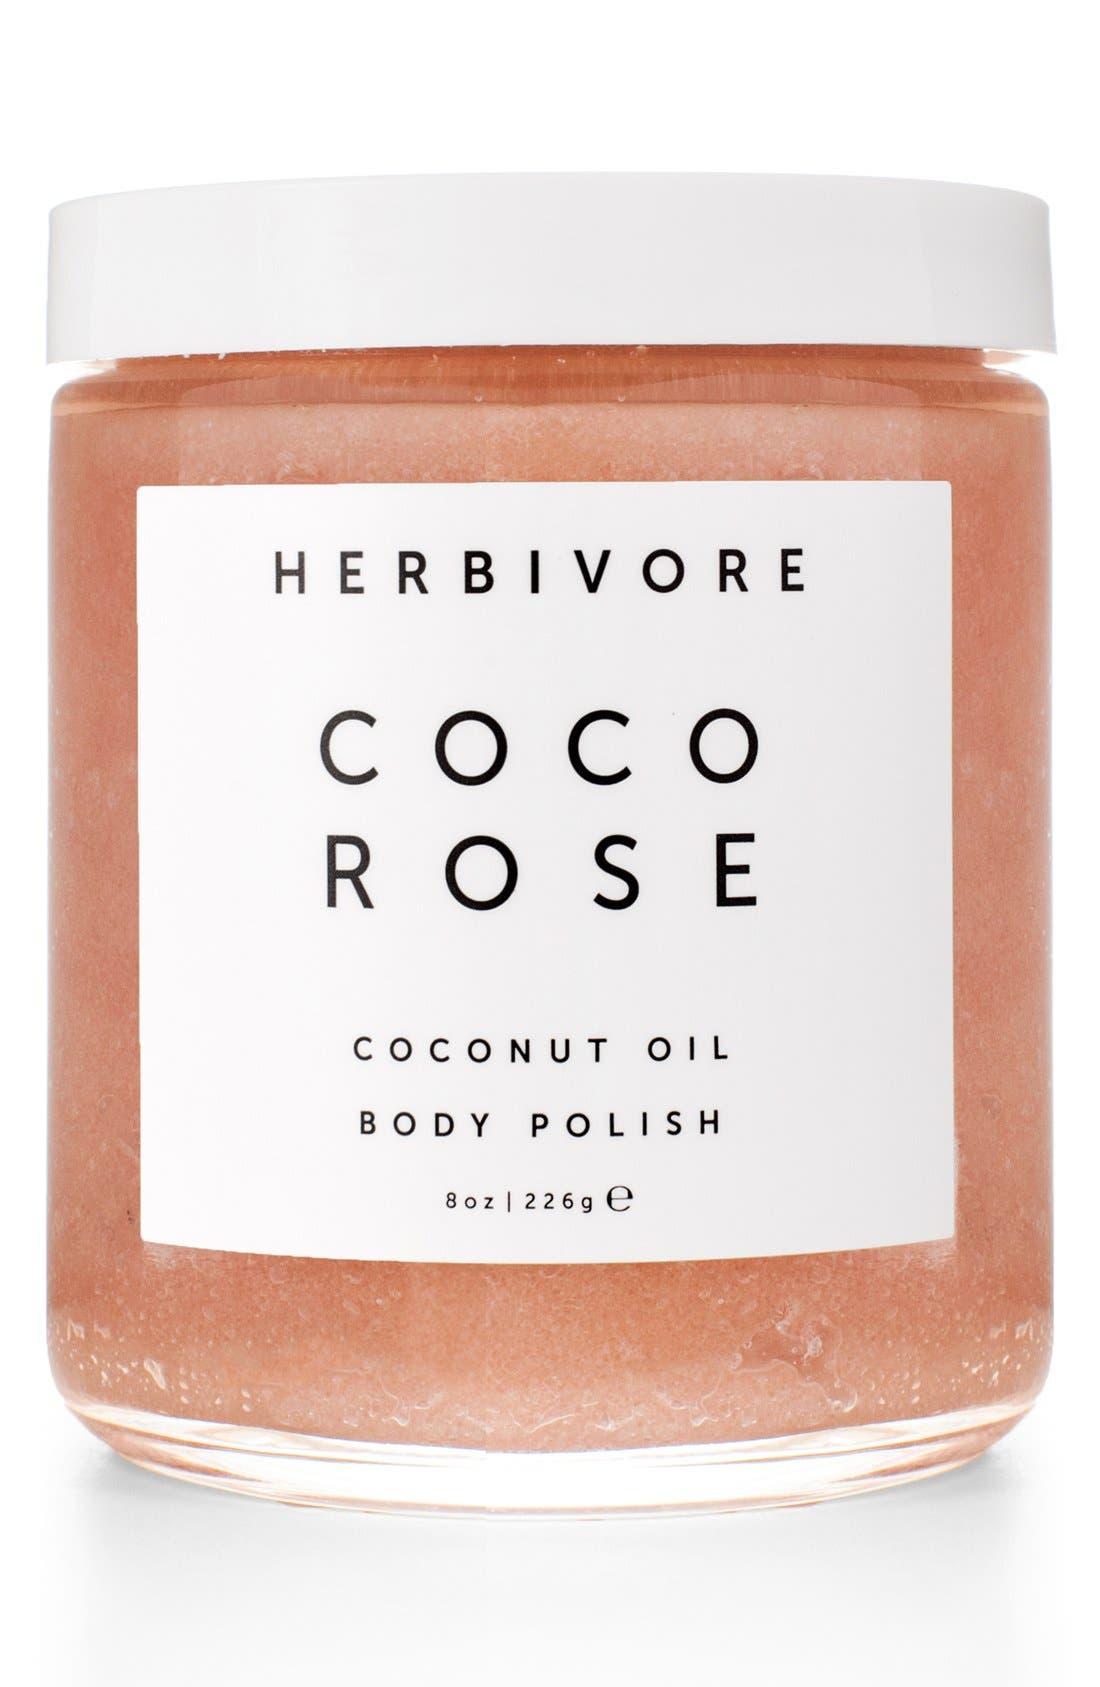 Coco Rose Coconut Oil Body Polish,                         Main,                         color, NONE